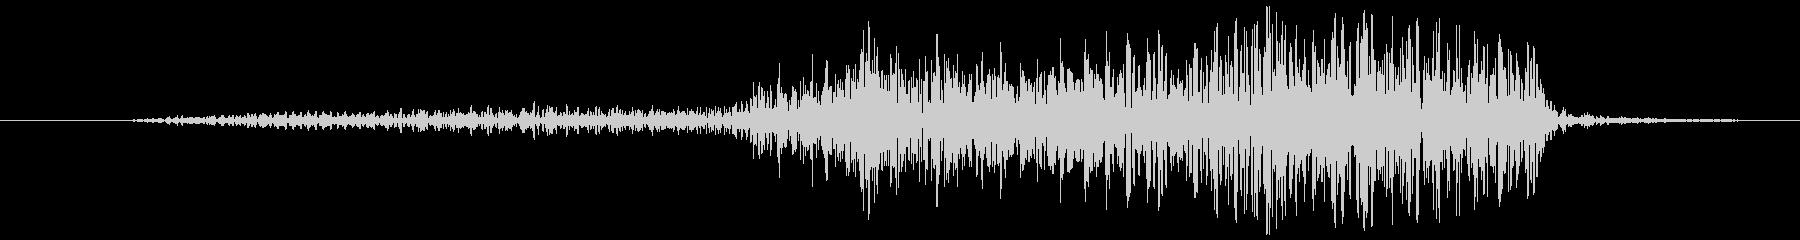 牛 Mooシングルショート01の未再生の波形